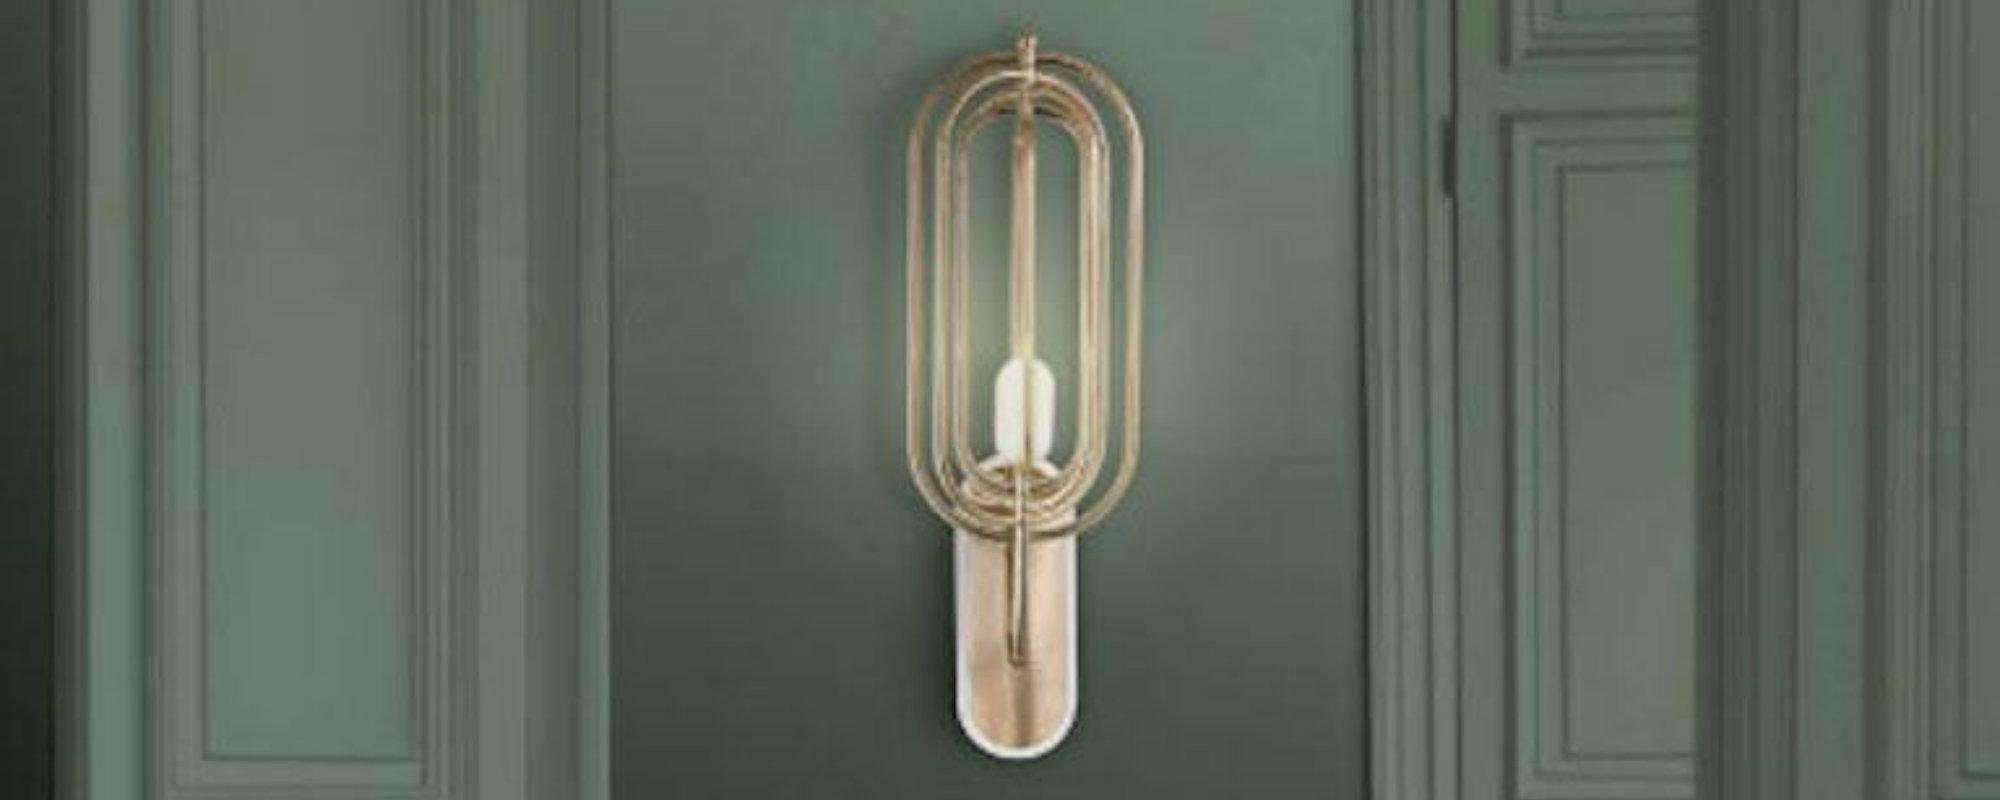 Illuminación de lujo: Ideas para lamparas de muro para proyectos illuminación de lujo Illuminación de lujo: Ideas para lamparas de muro para proyectos Featured 8